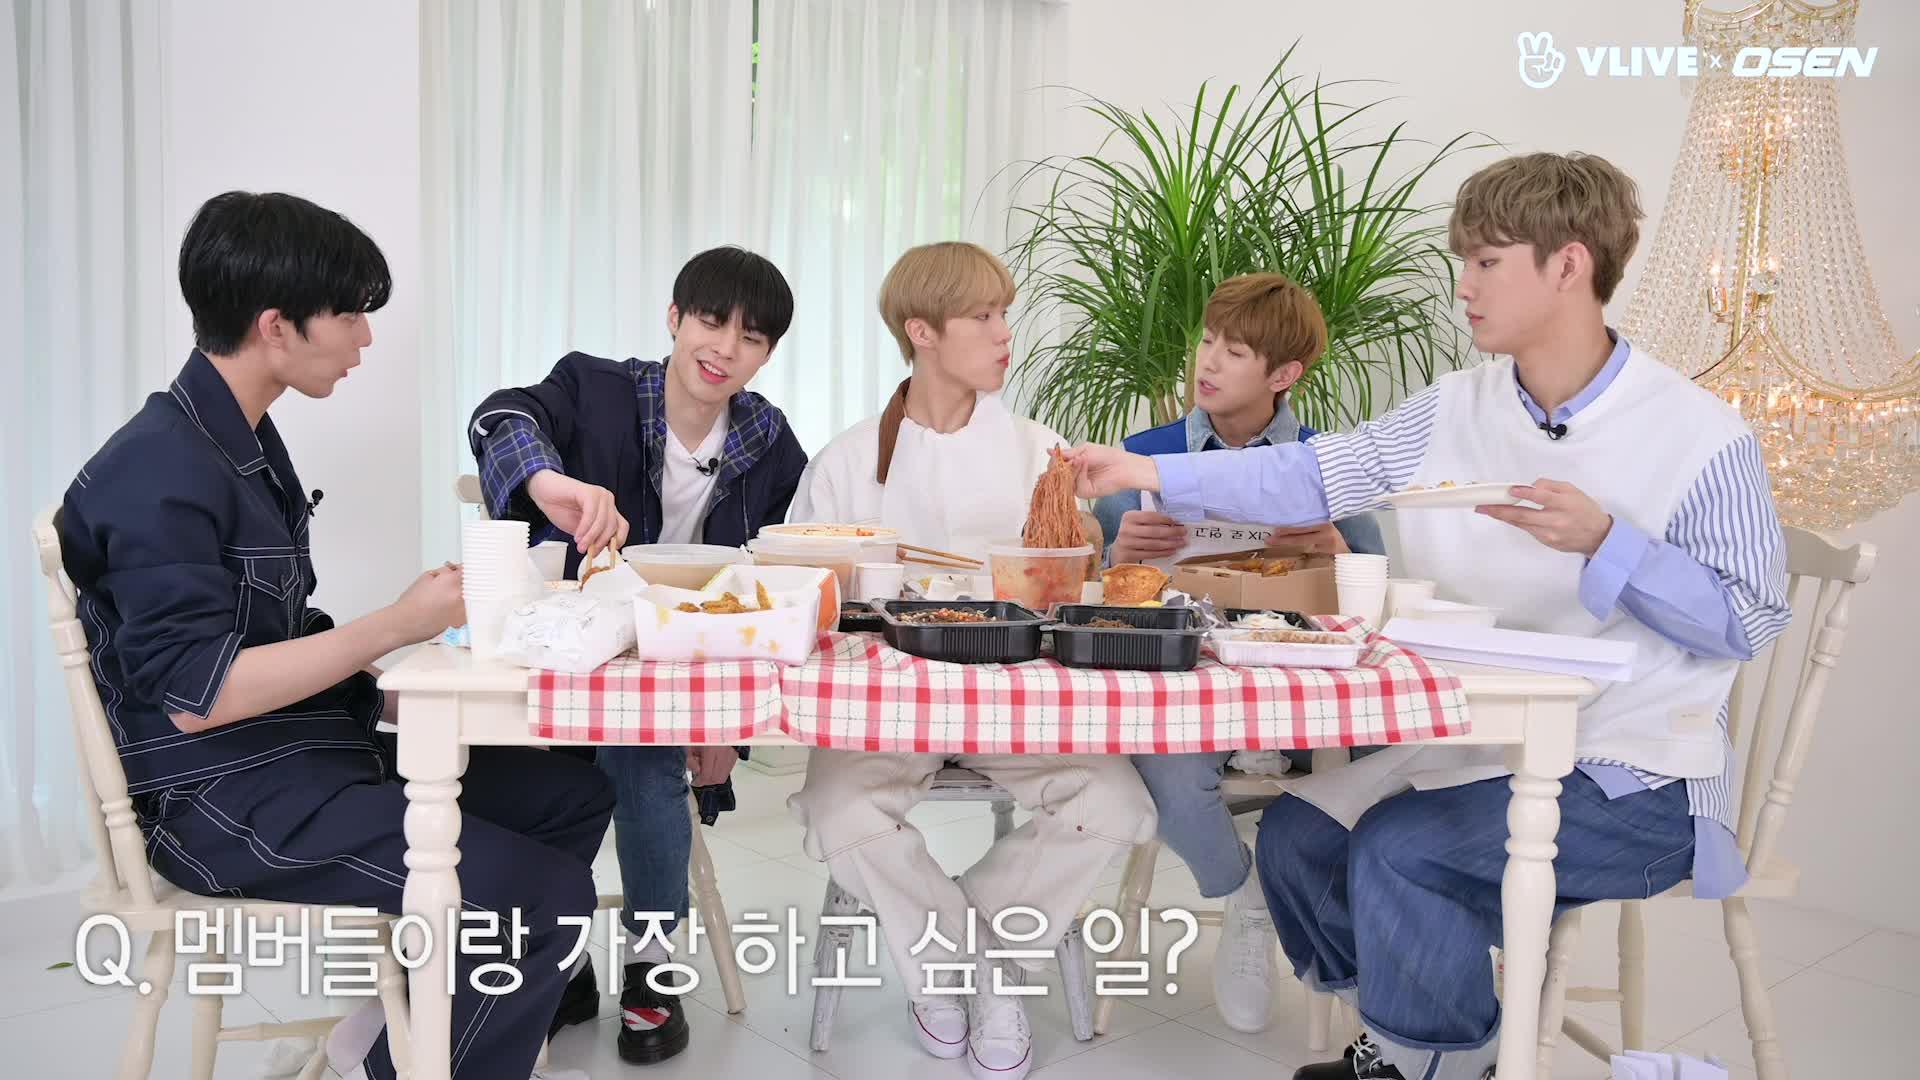 스타로드' CIX 배진영, 특이한 먹방 노하우? #EP 13